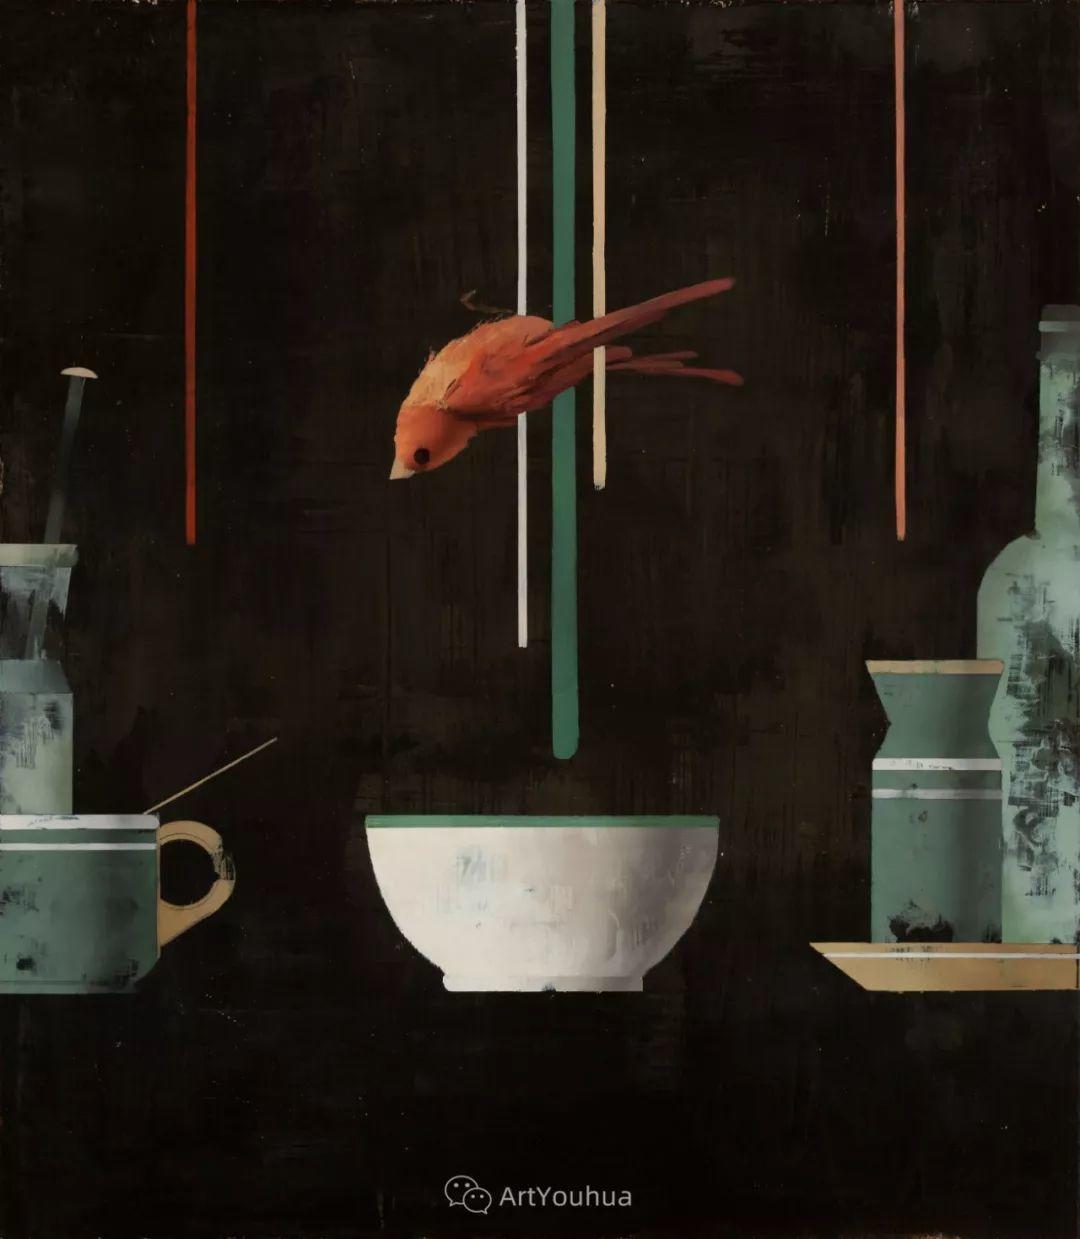 不完整的完整——Matthew Saba插图27